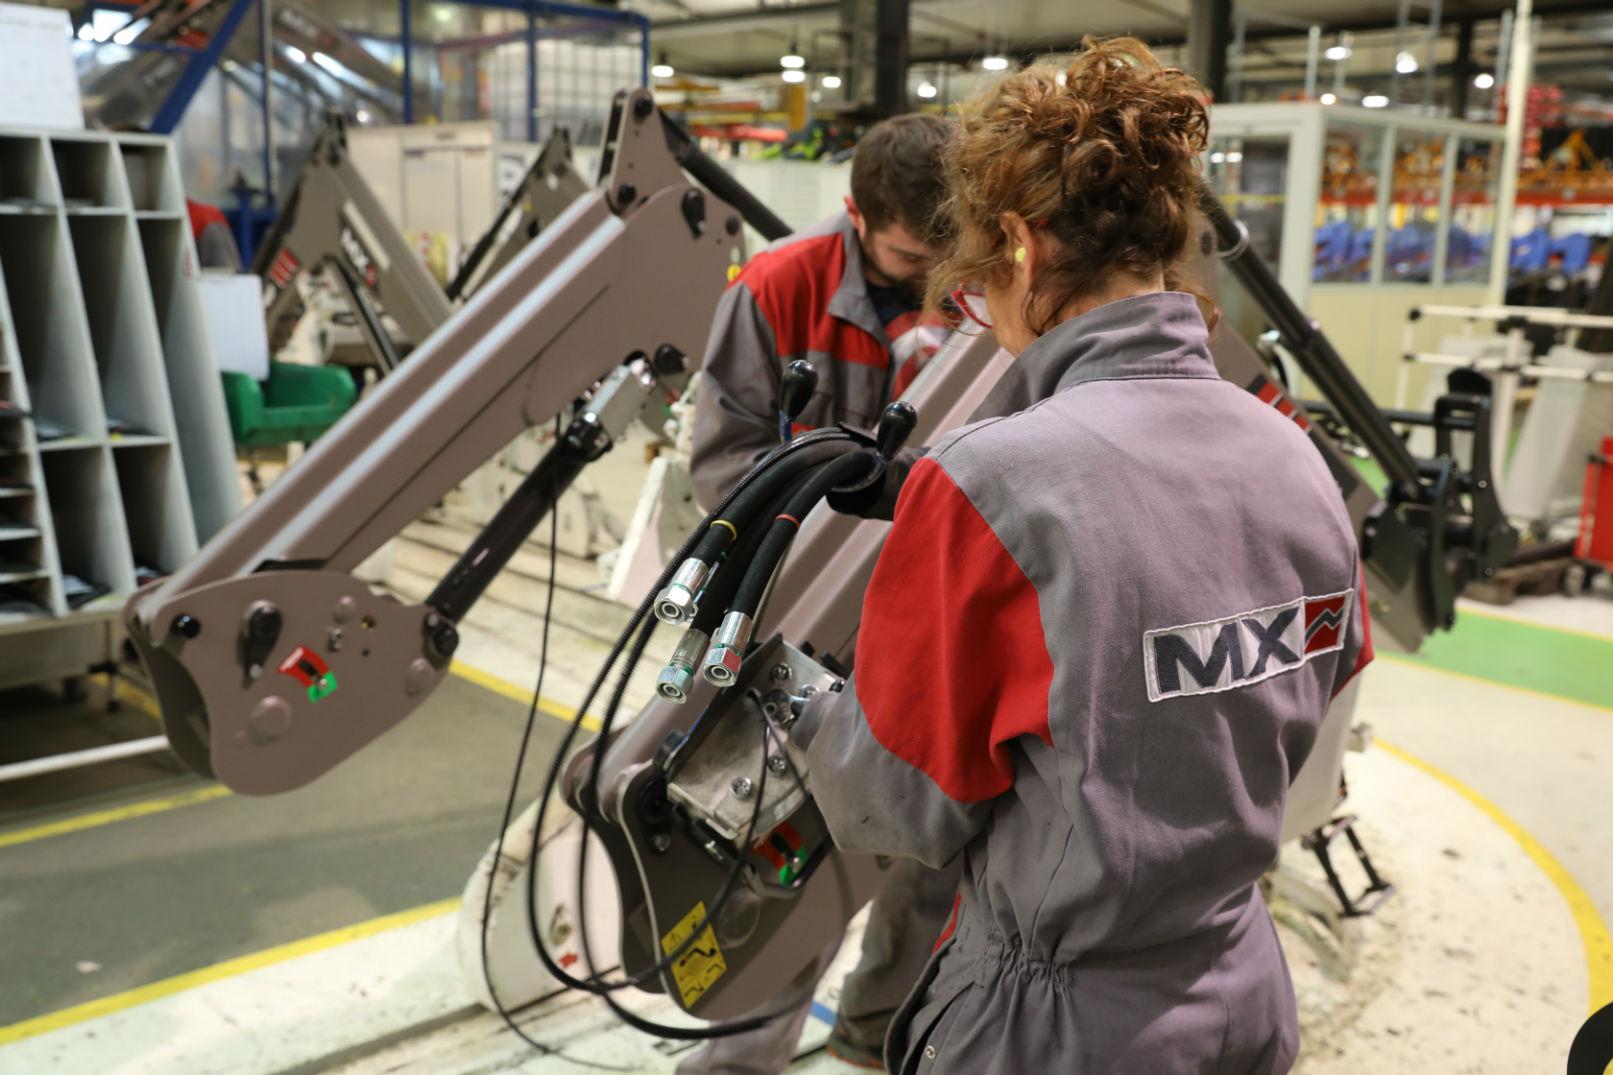 Recrutement: Monteur assembleur mécanique F/H chez MX à Acigné